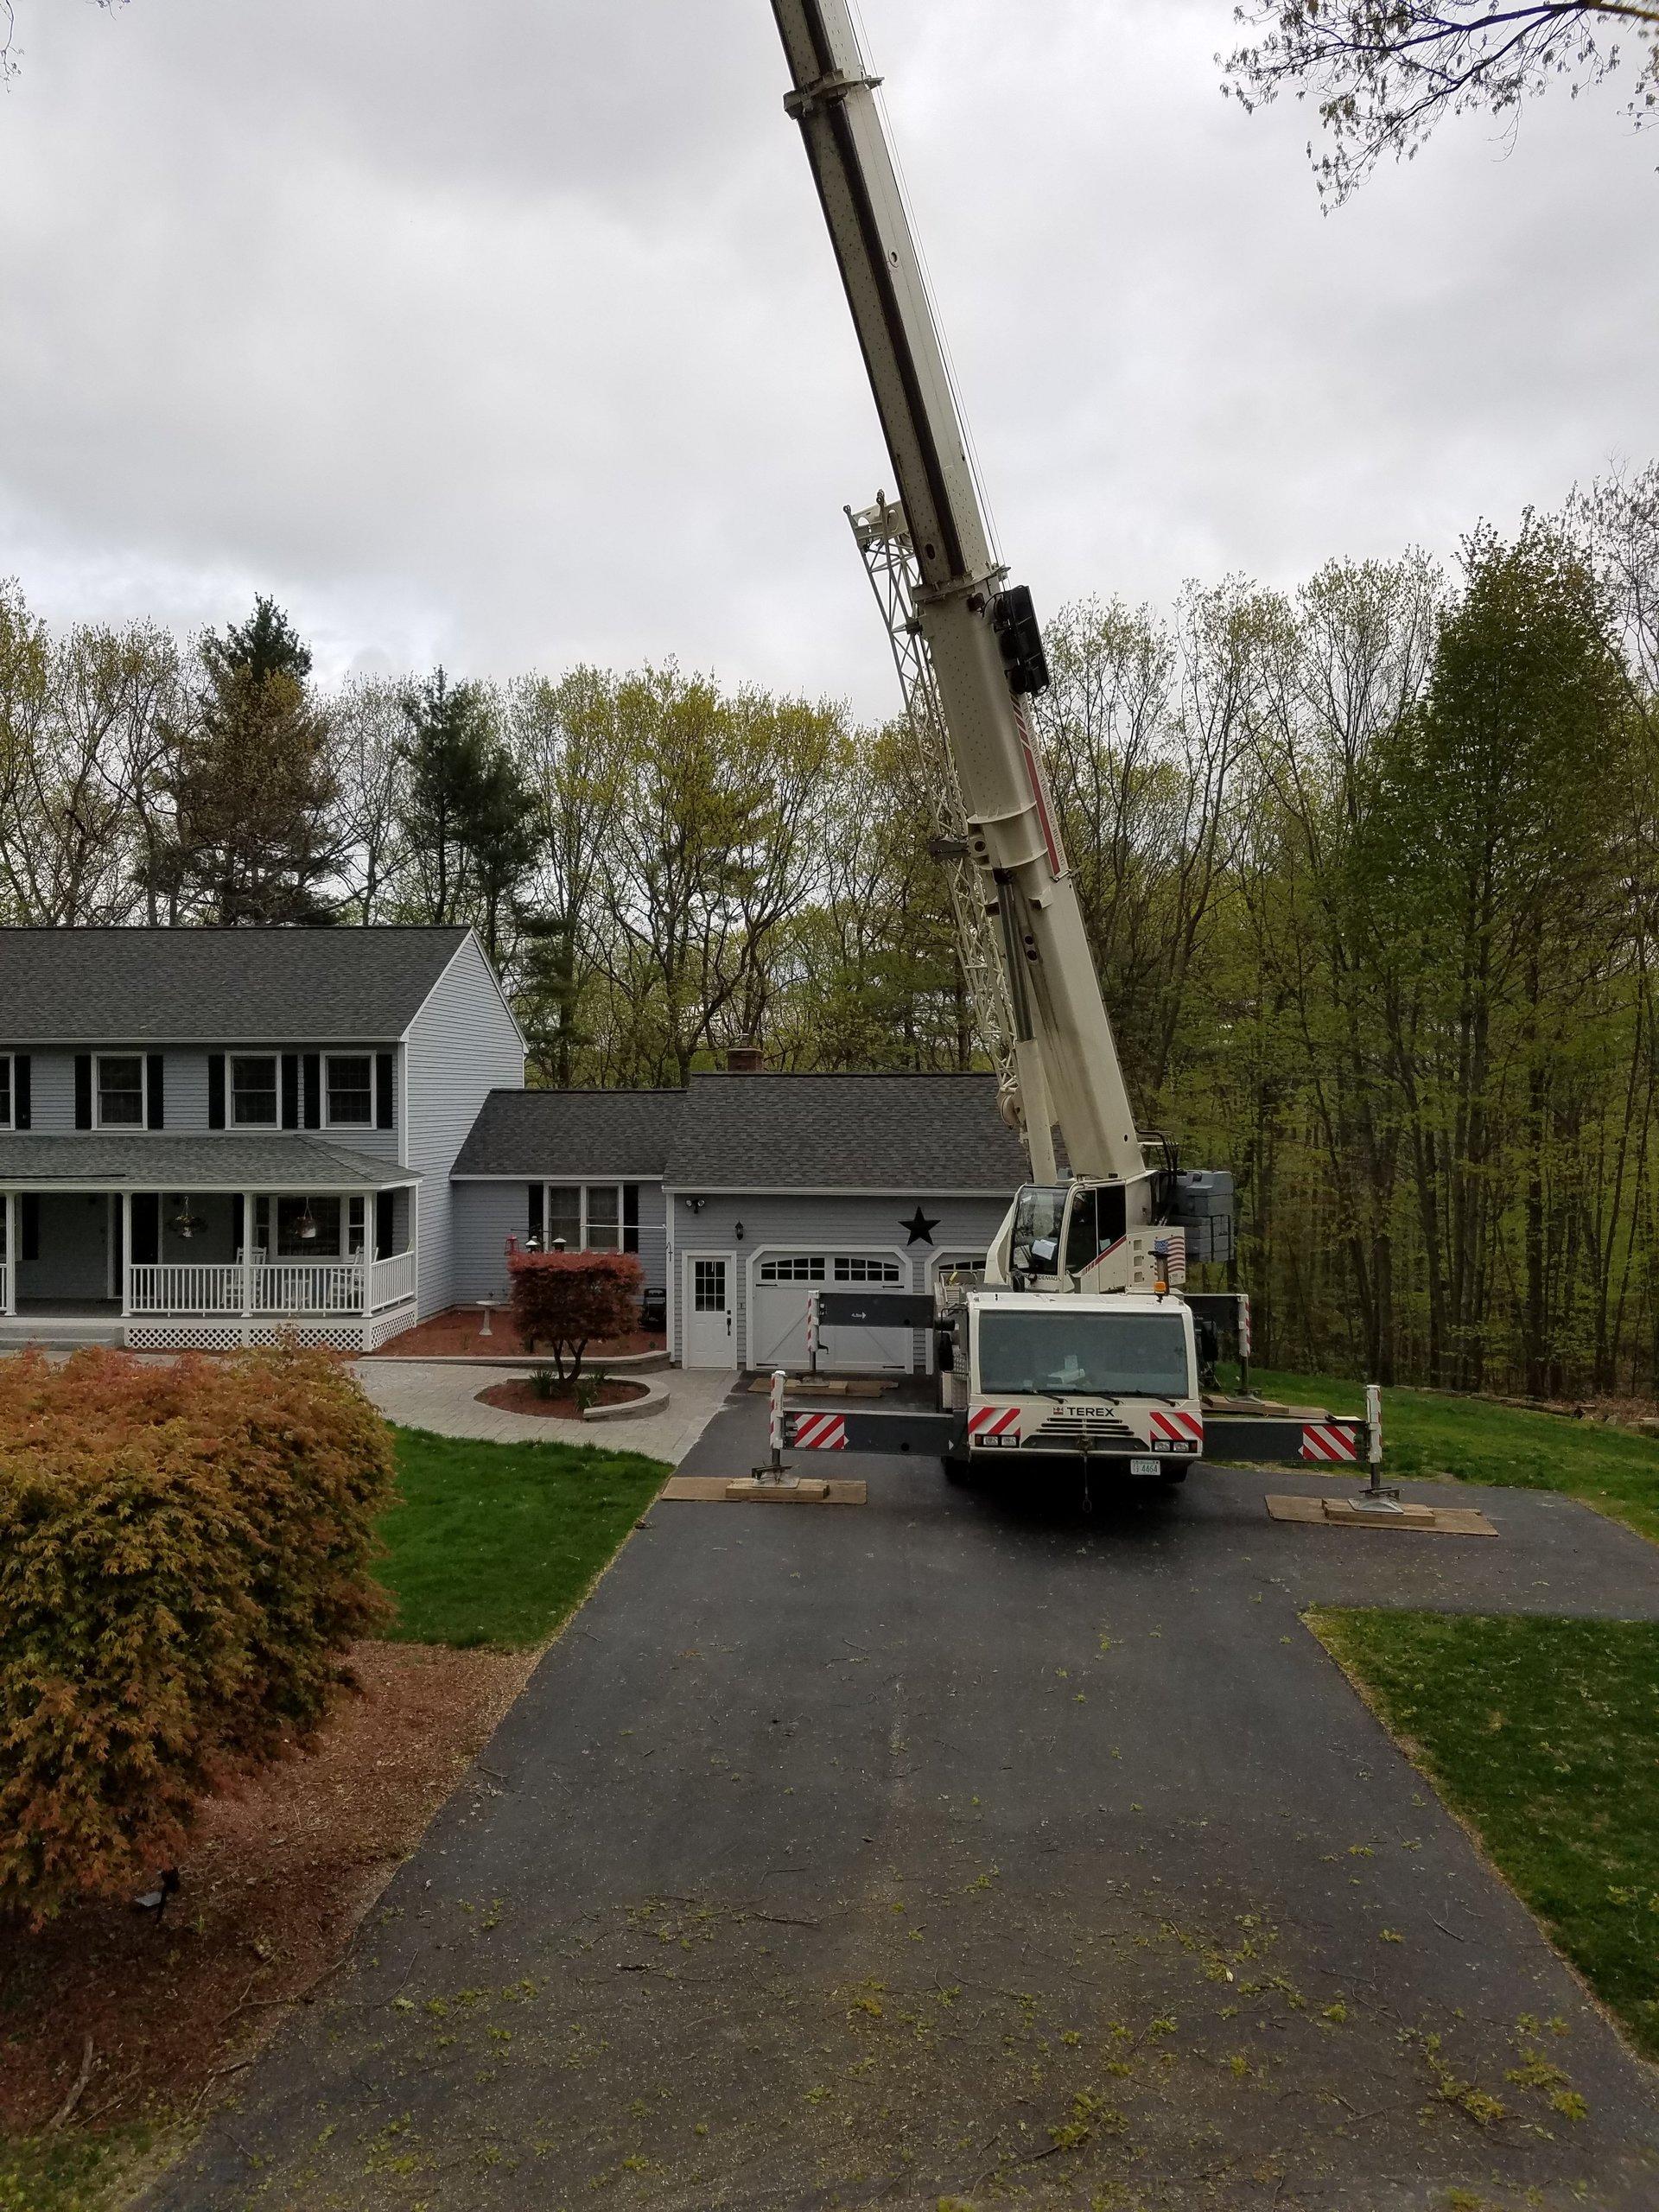 Souhegan Valley Tree Service Crane